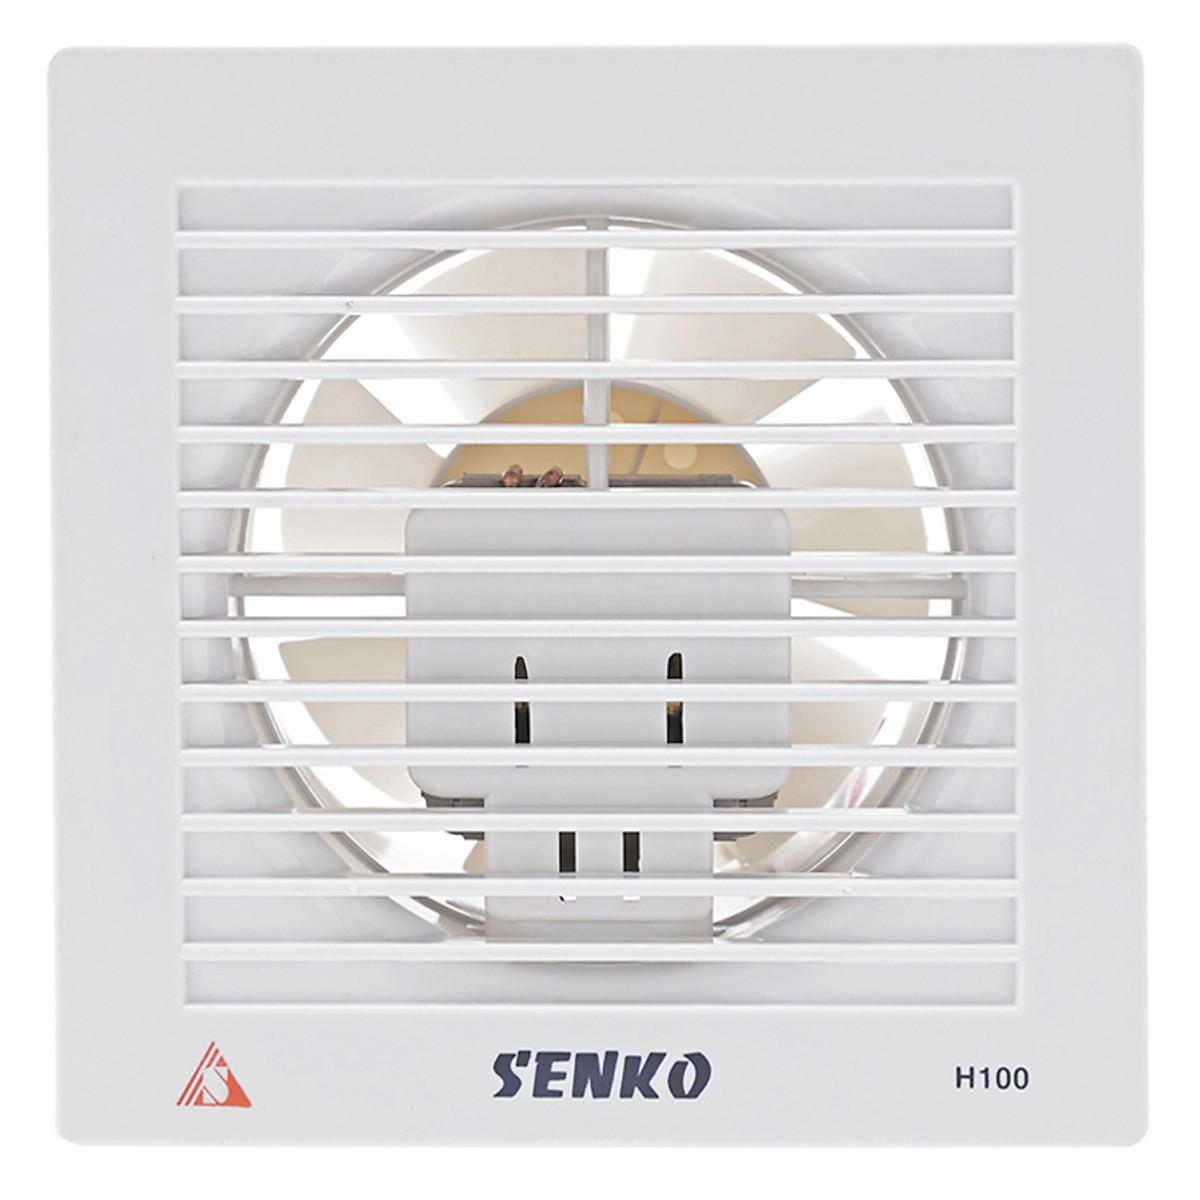 Đánh giá, review Quạt Hút Thông Gió Senko H100 (25W)